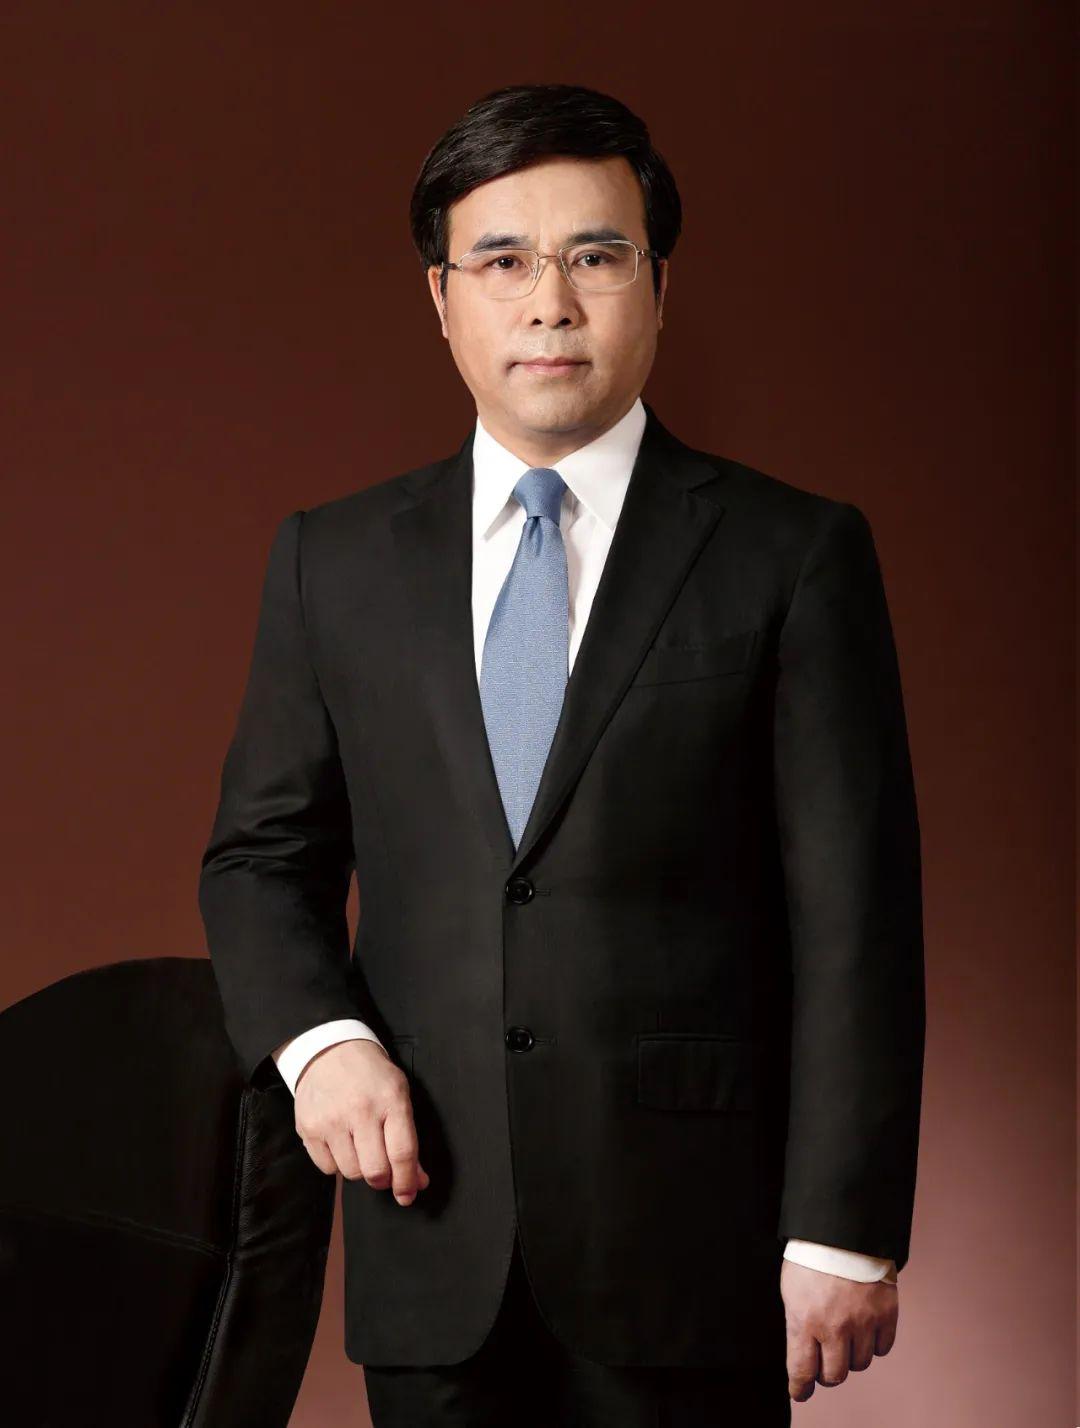 《中国金融》70年70人特别谈 刘连舸谈中国银行业70年巨变